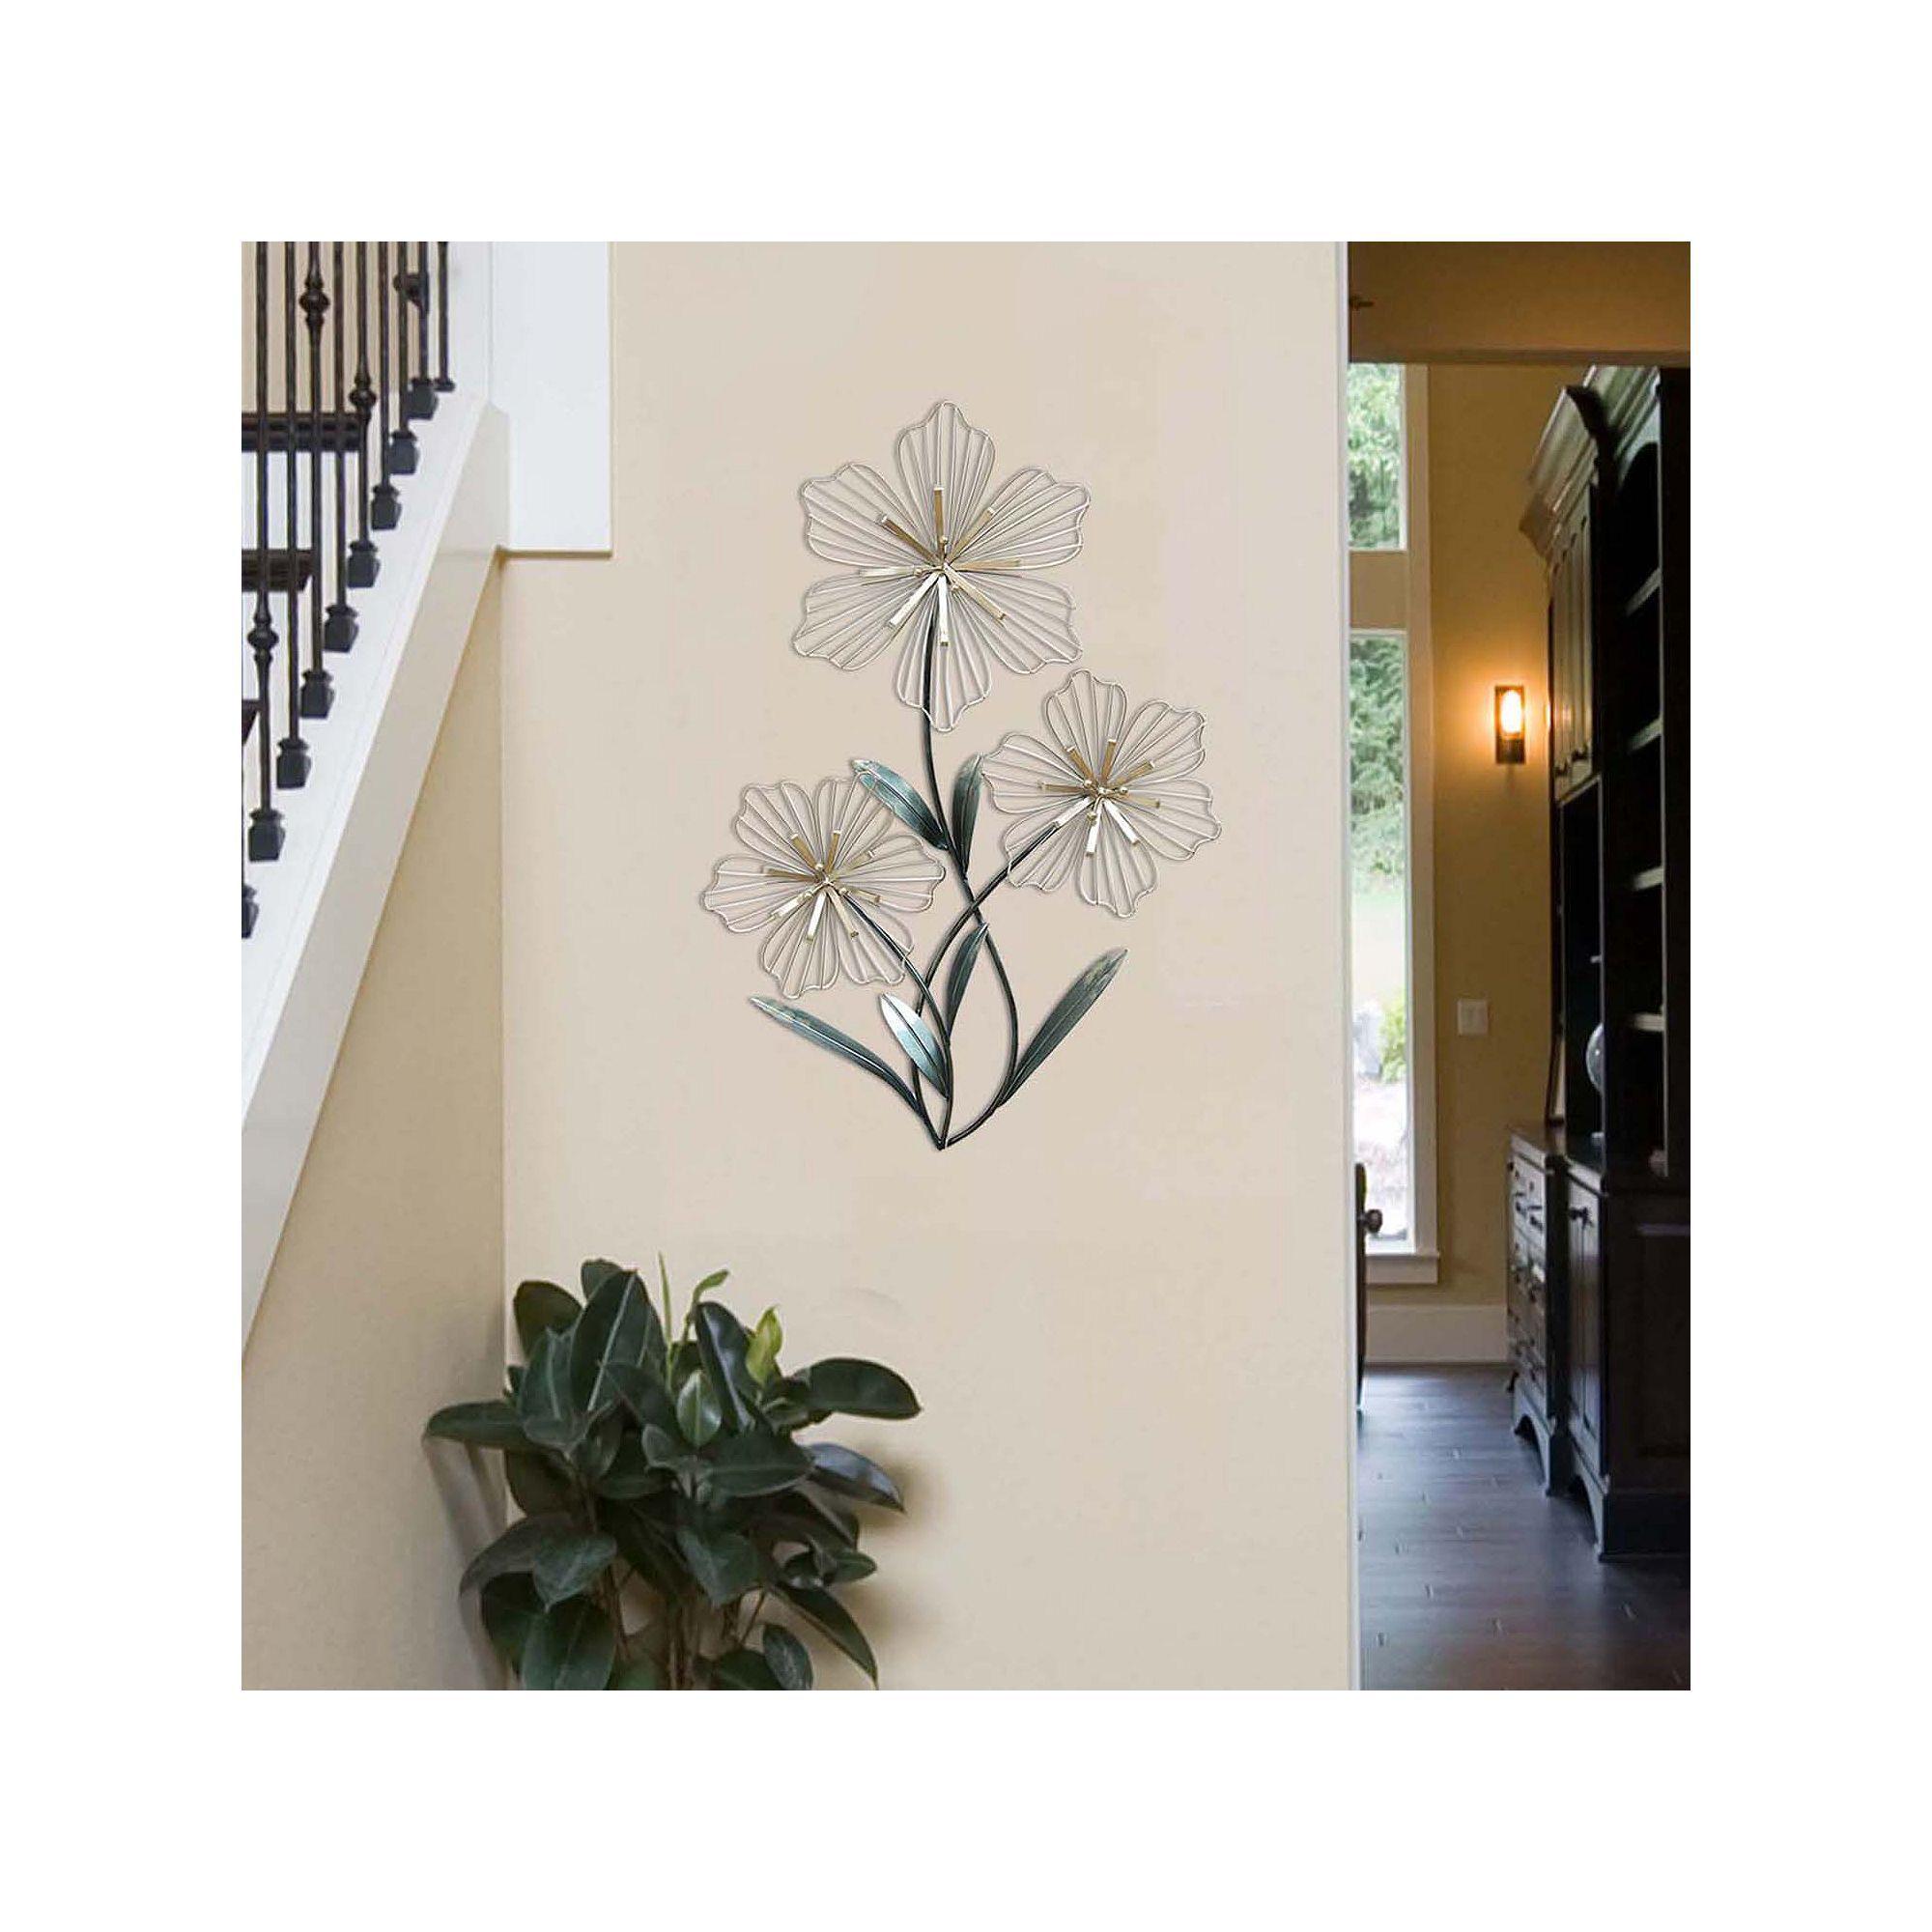 Stratton Home Decor Tri Flower Wall Art In 2020 Rustic Flower Wall Decor Flower Wall Decor Stratton Home Decor